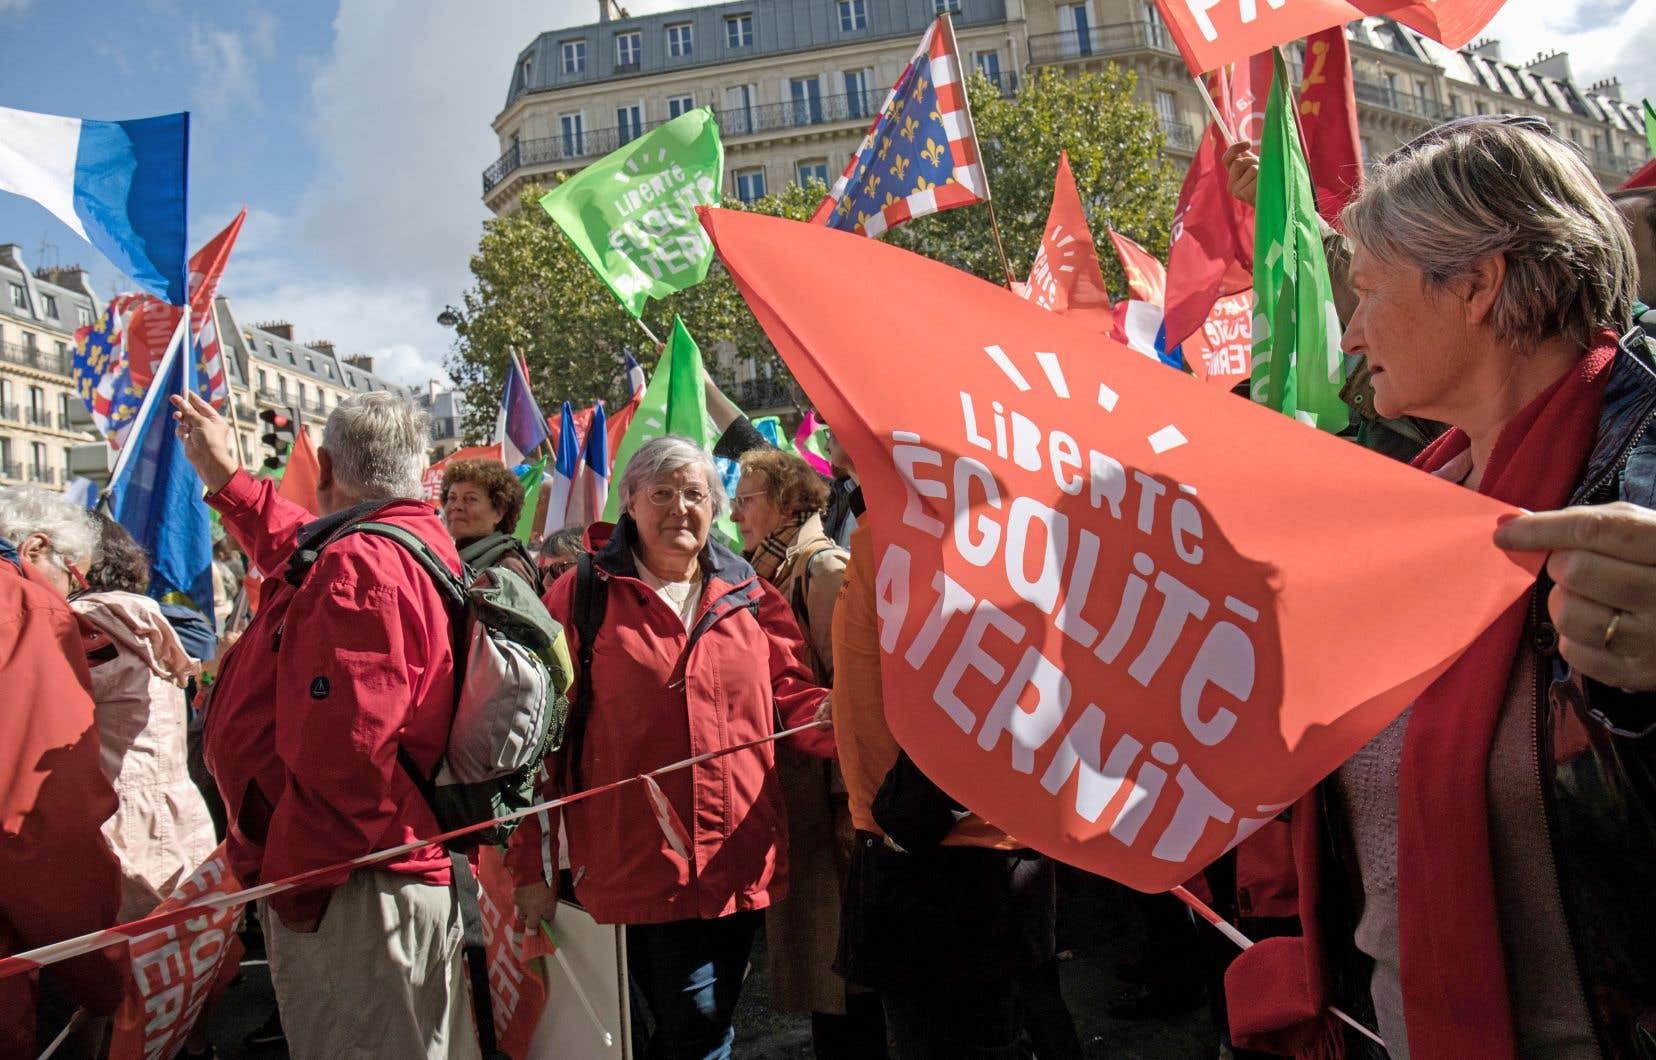 Des manifestants ont défilé dans le sud de la capitale en agitant des drapeaux estampillés des mots «Liberté, Égalité, Paternité».